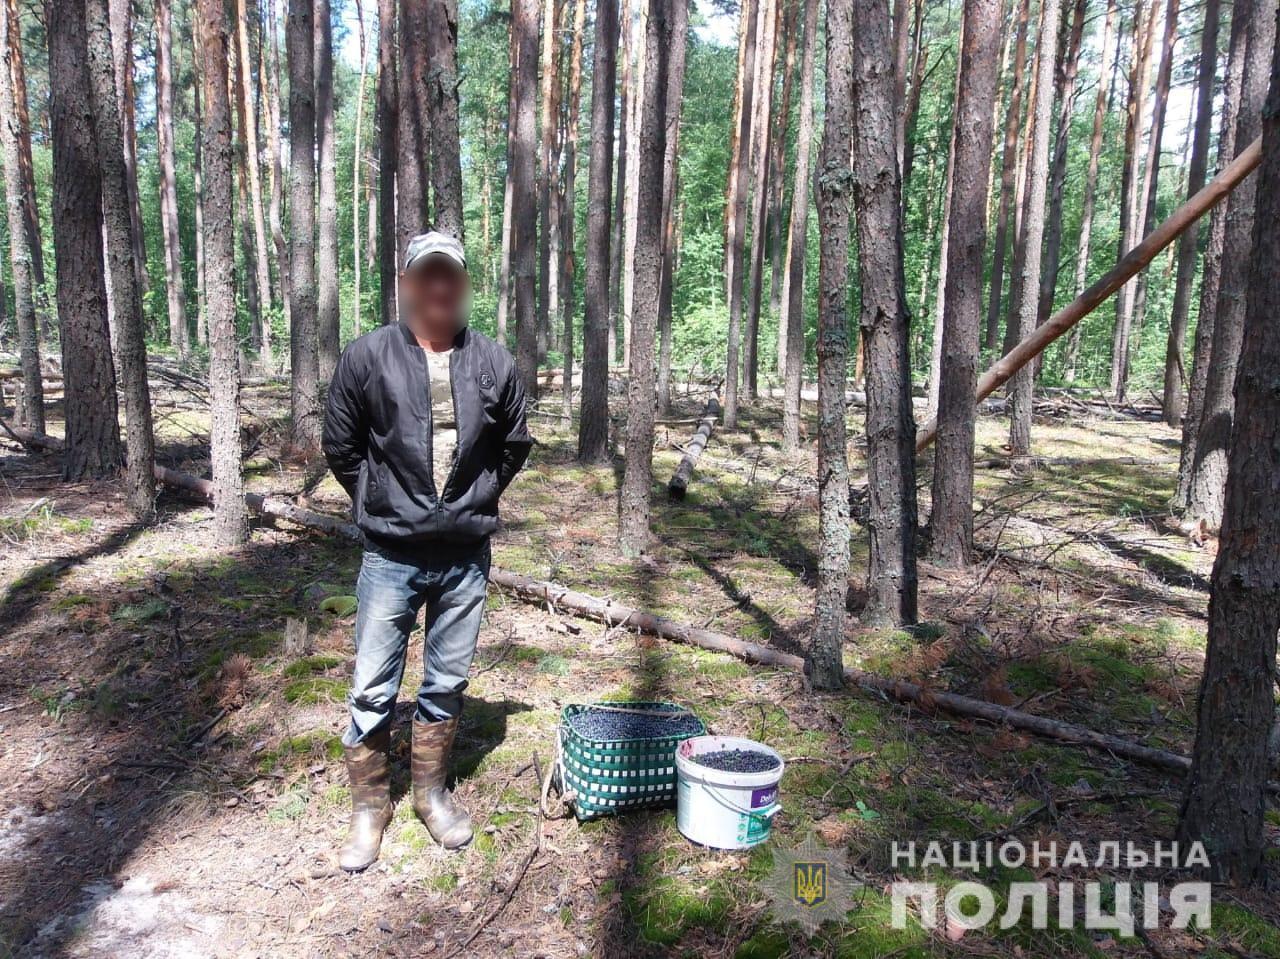 Із Чорнобильської зони намагалися вивезти 300 кг радіаційних ягід та 20 кг грибів